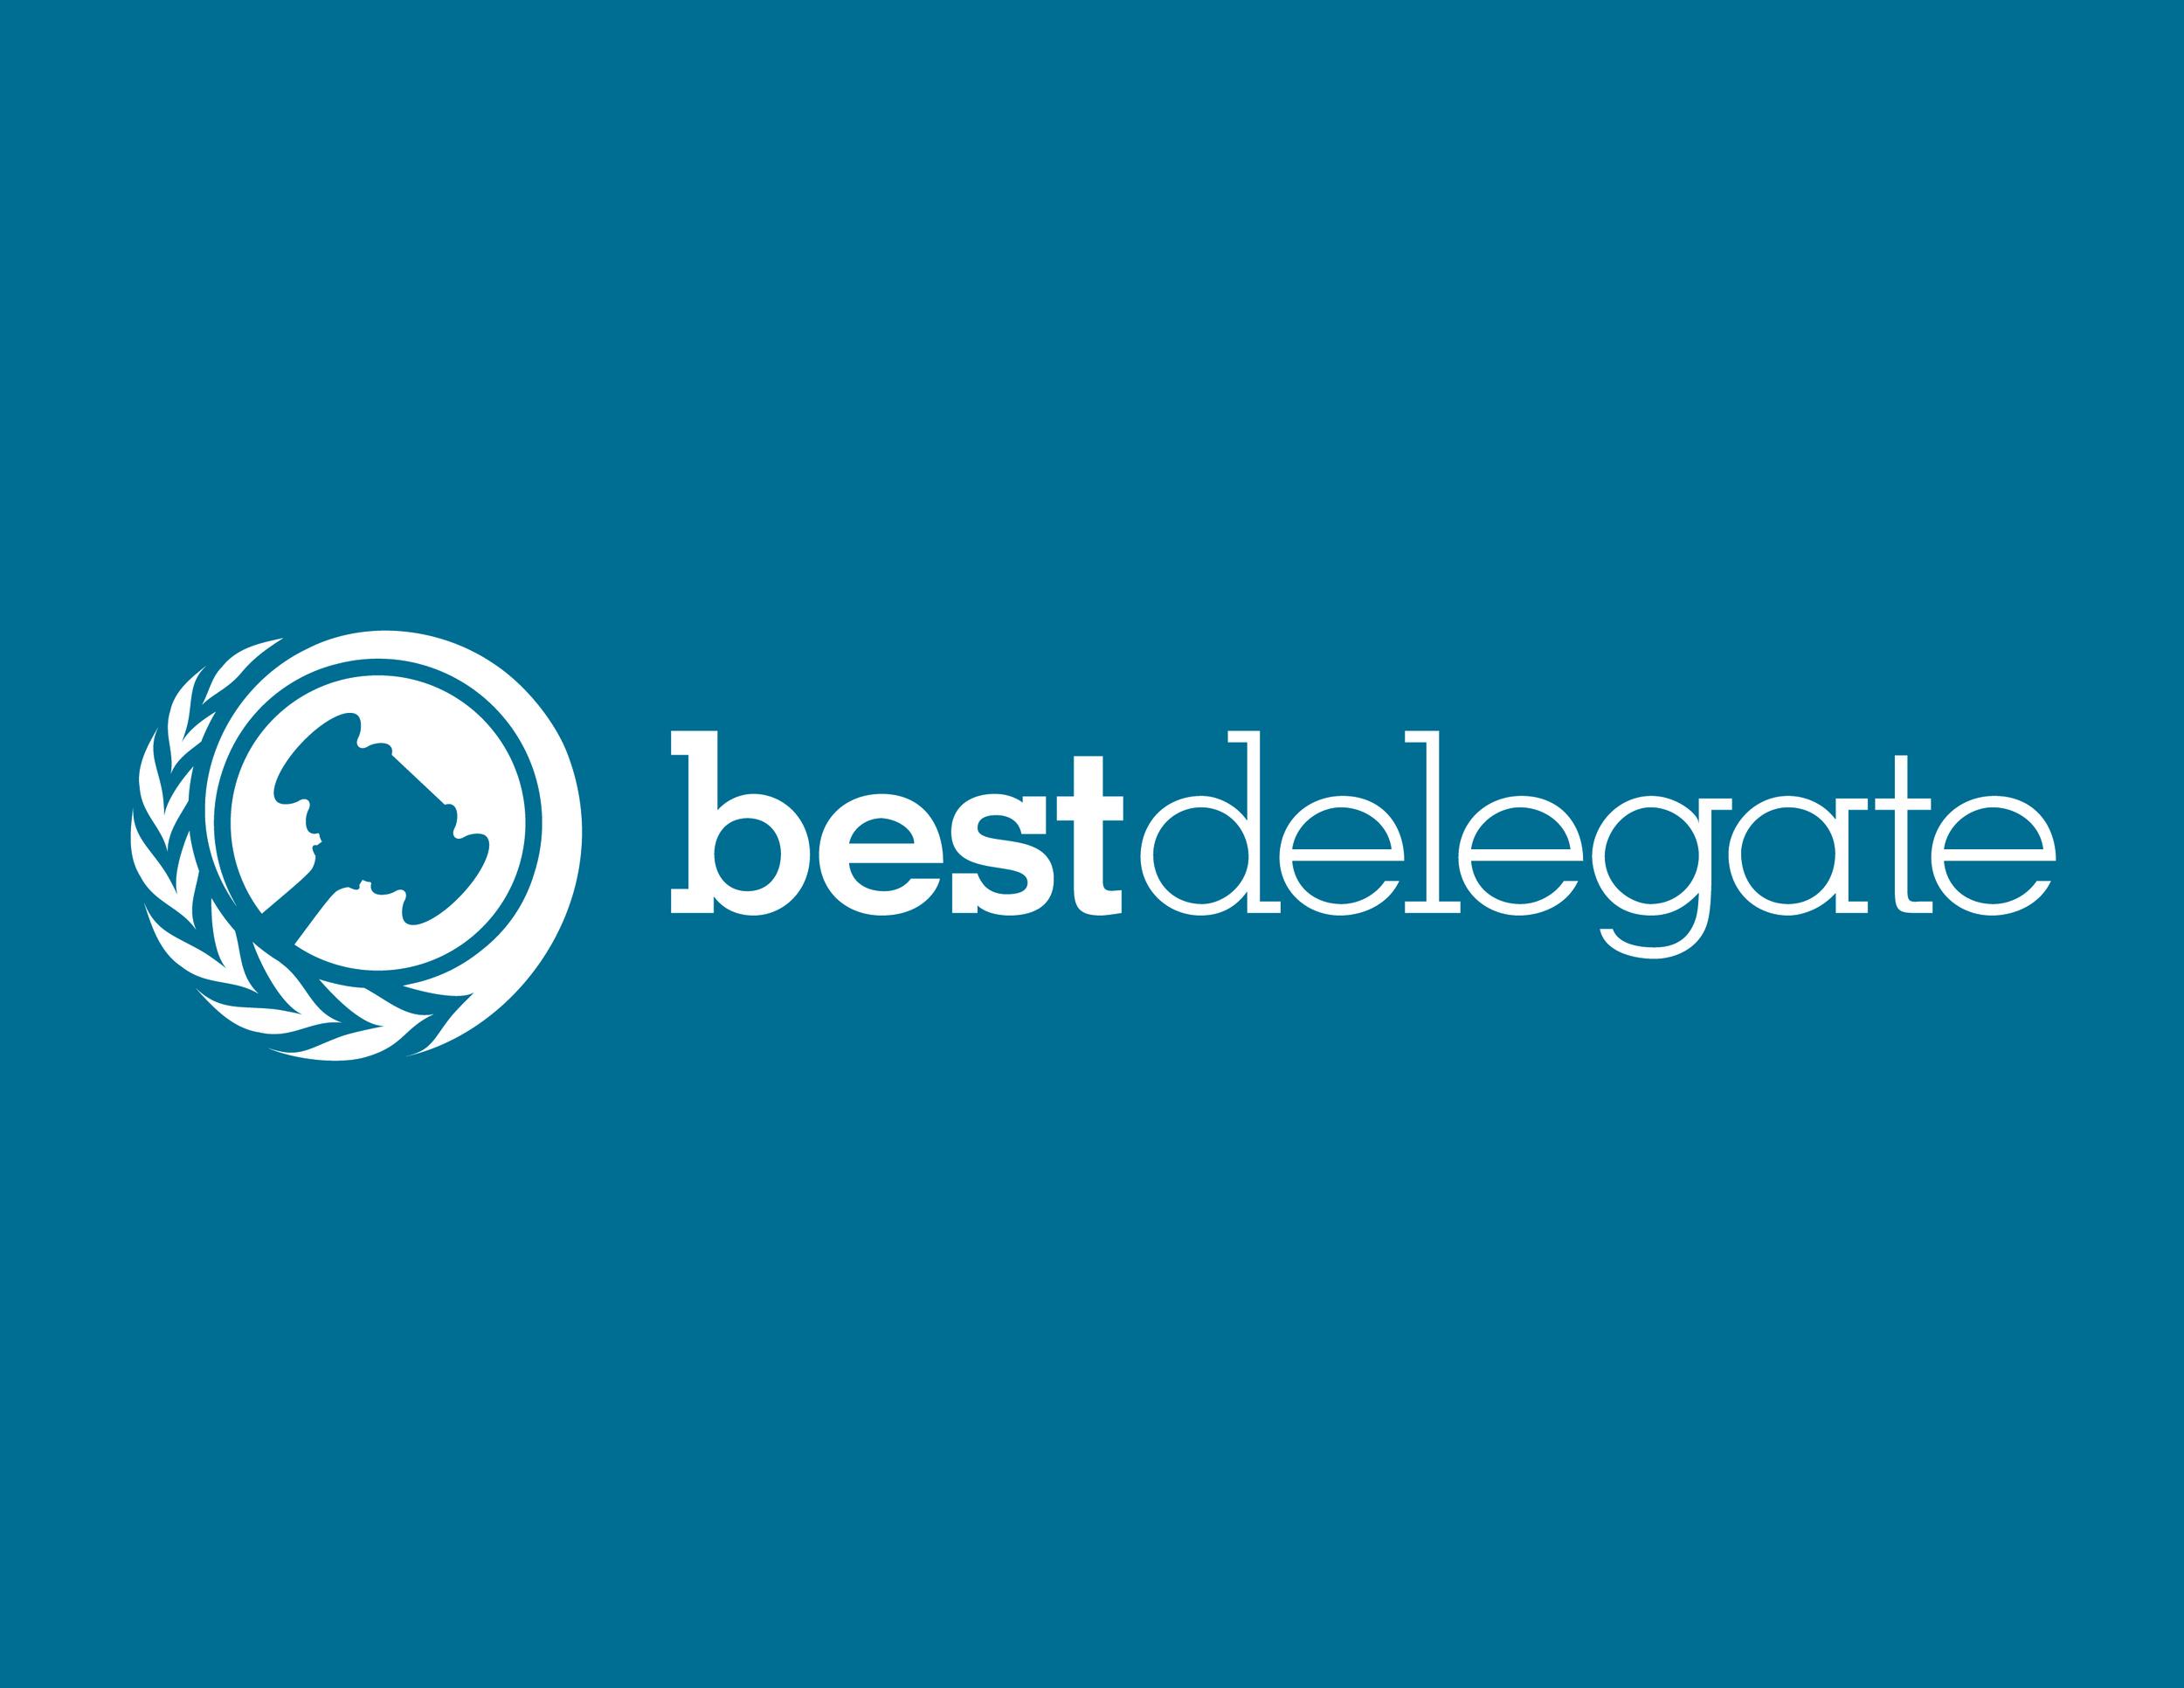 Website: B est Delegate